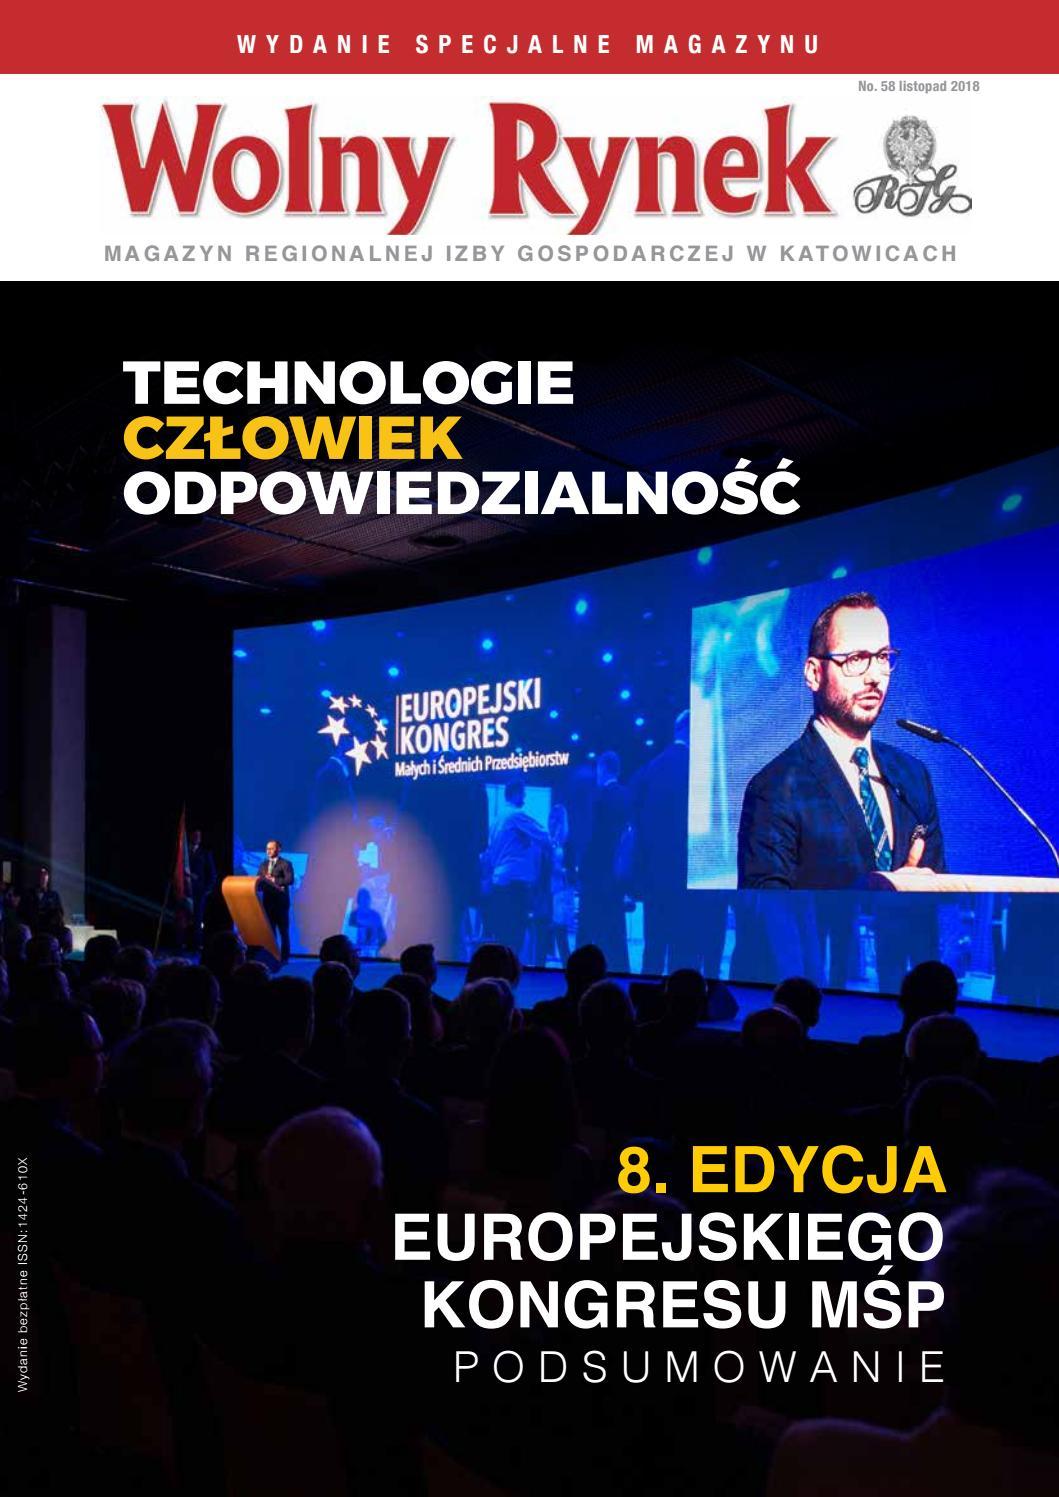 Kojarzenie światowego kongresu mobilnego